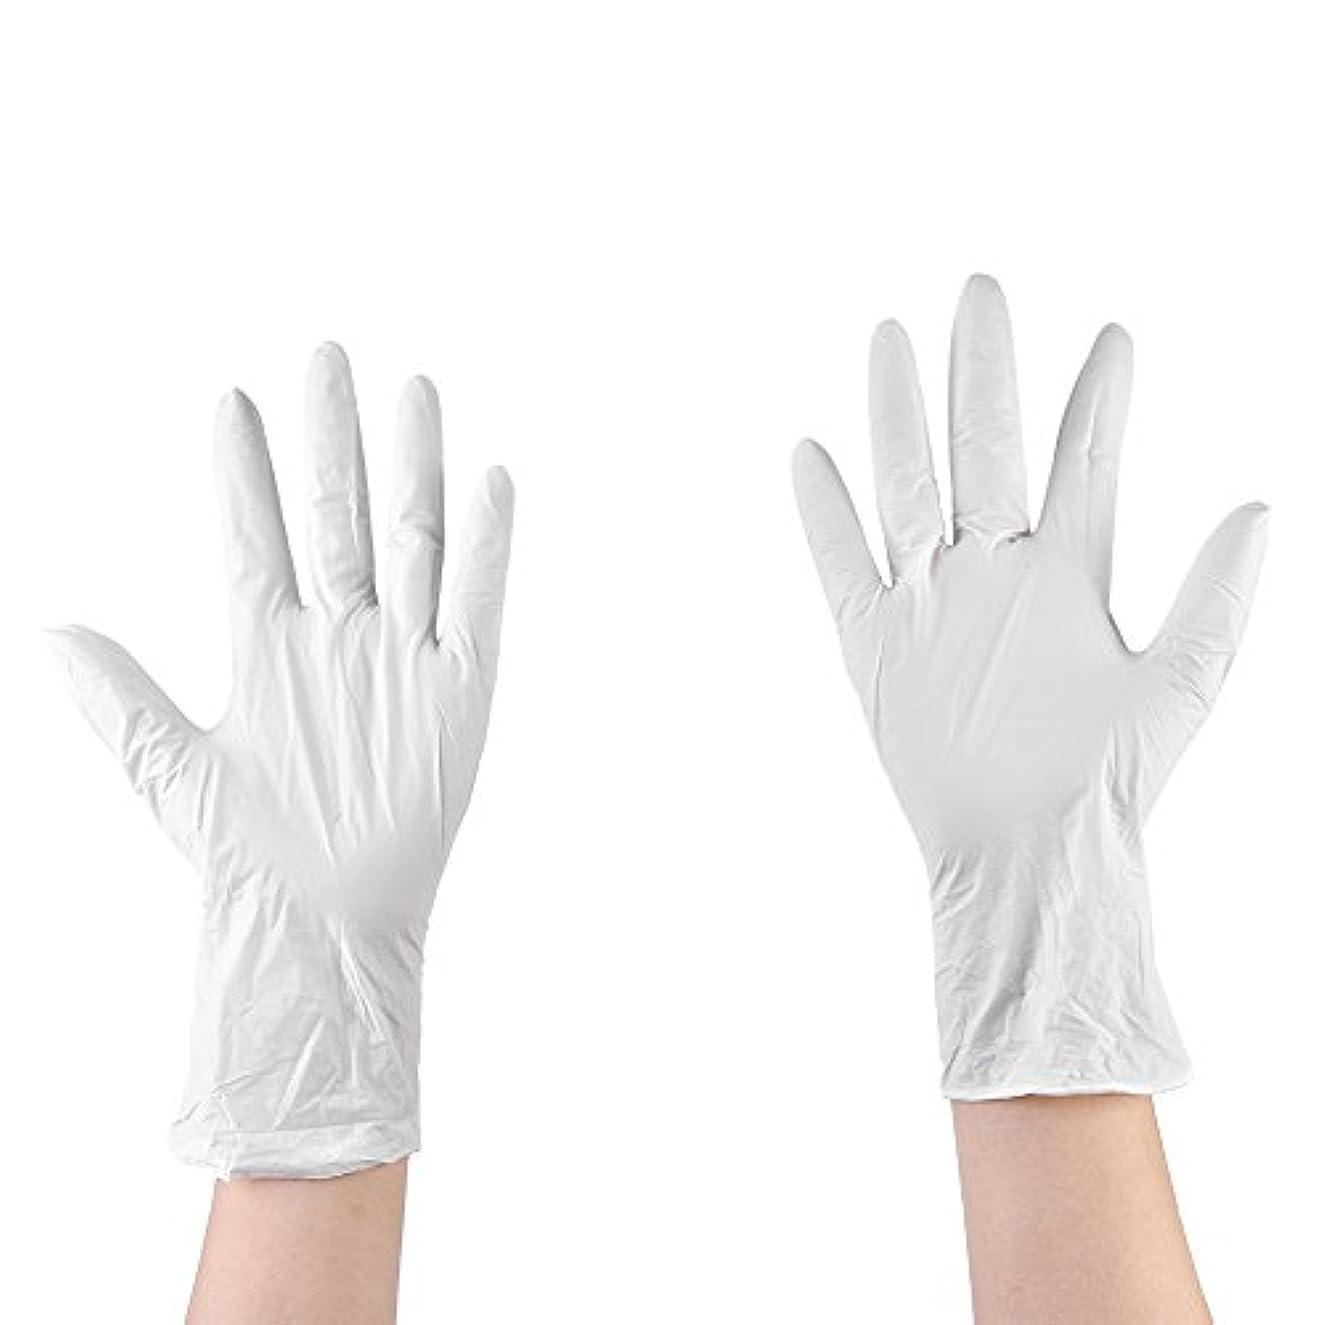 落ち着いてロードされた論争使い捨て手袋 ニトリルグローブ ホワイト 粉なし タトゥー/歯科/病院/研究室に適応 M/L選択可 50枚 左右兼用 作業手袋(M)